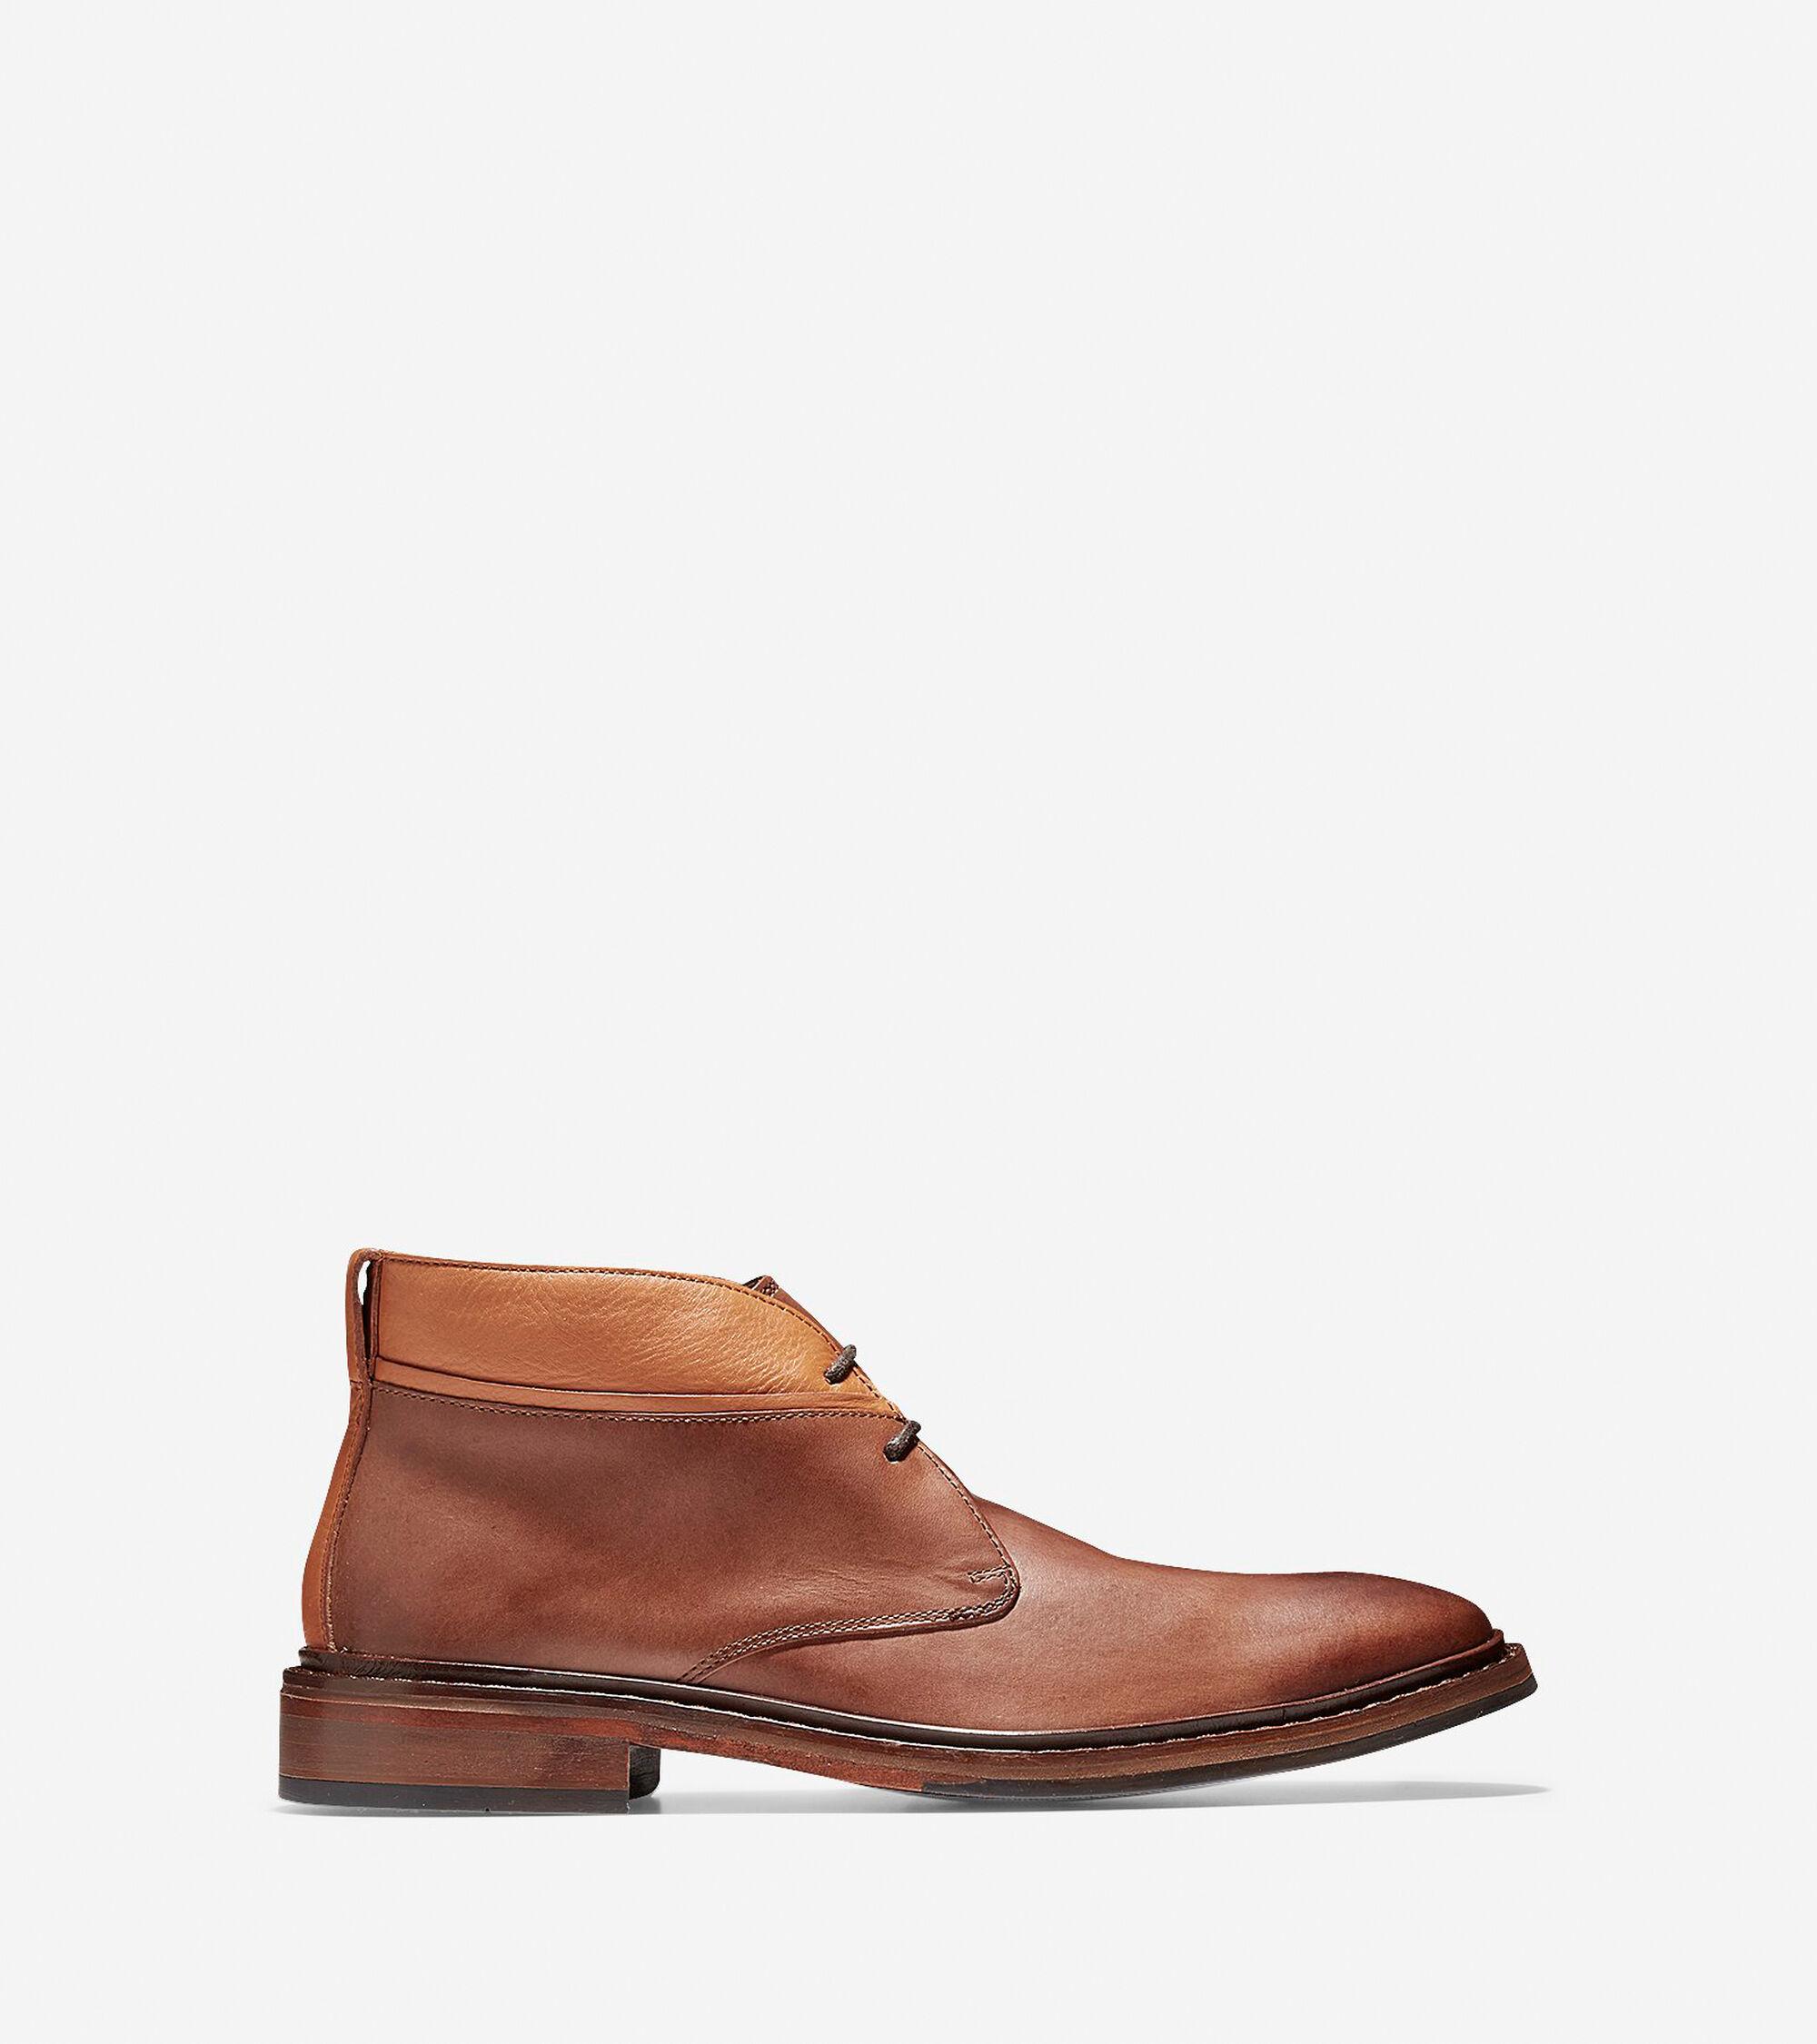 Boots & Chukkas > Williams Welt Chukka